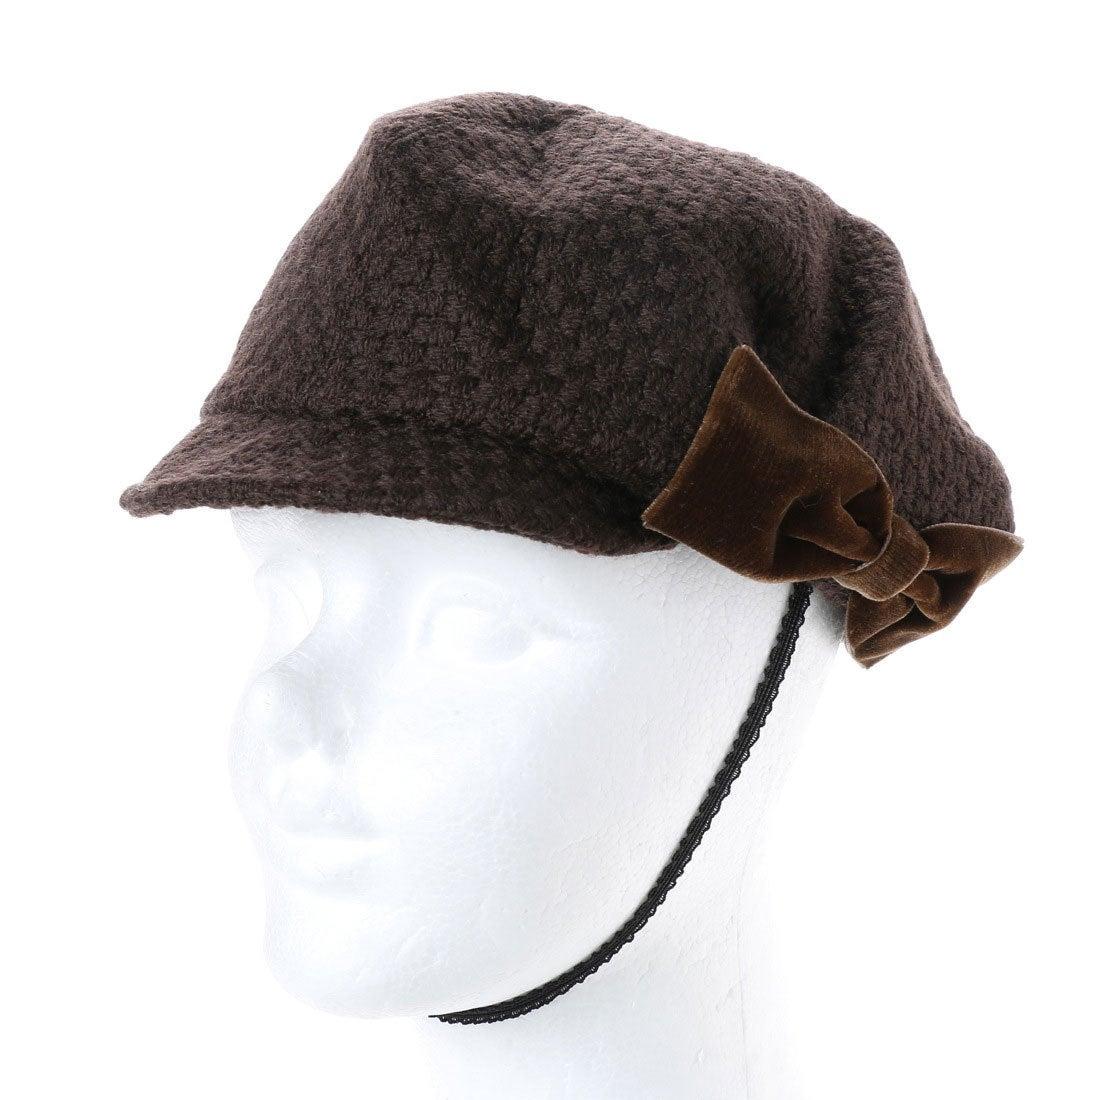 【SALE 80%OFF】セレク コレクション CELEC COLLECTION りぼんキャスケット帽子 (ブラウン)